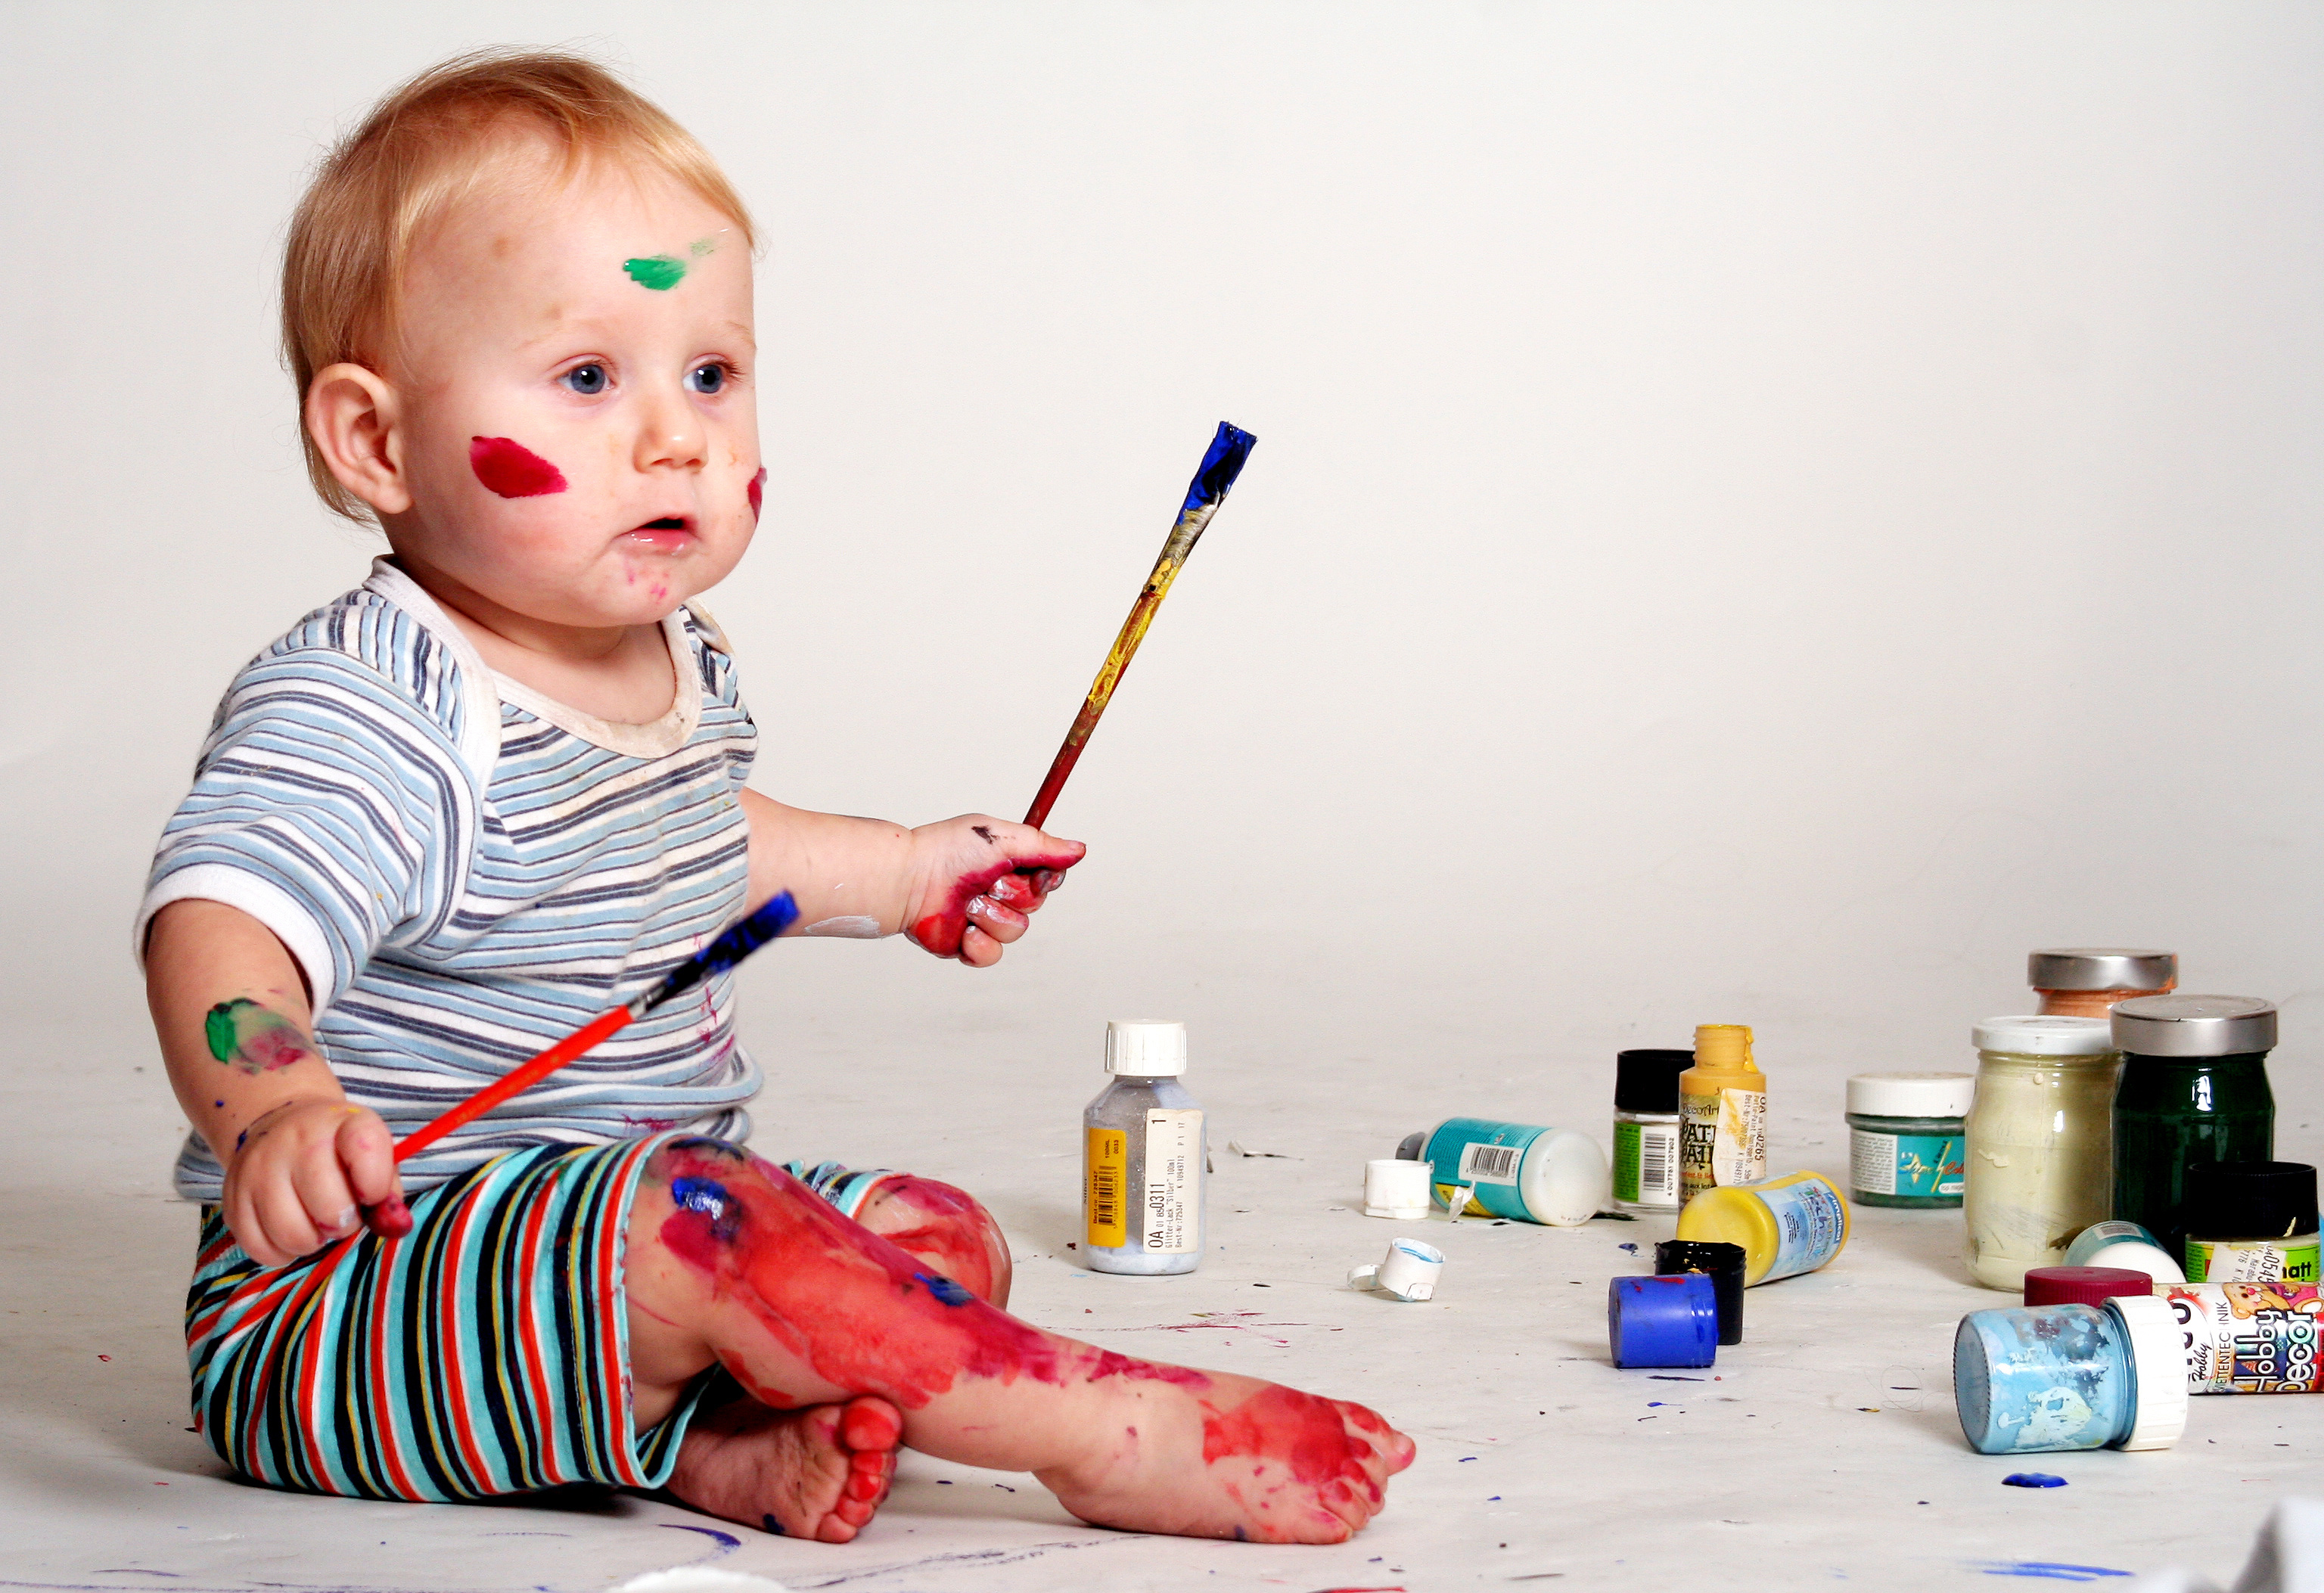 هنر درمانی، ذهن کودکان معلول را فعال می کند